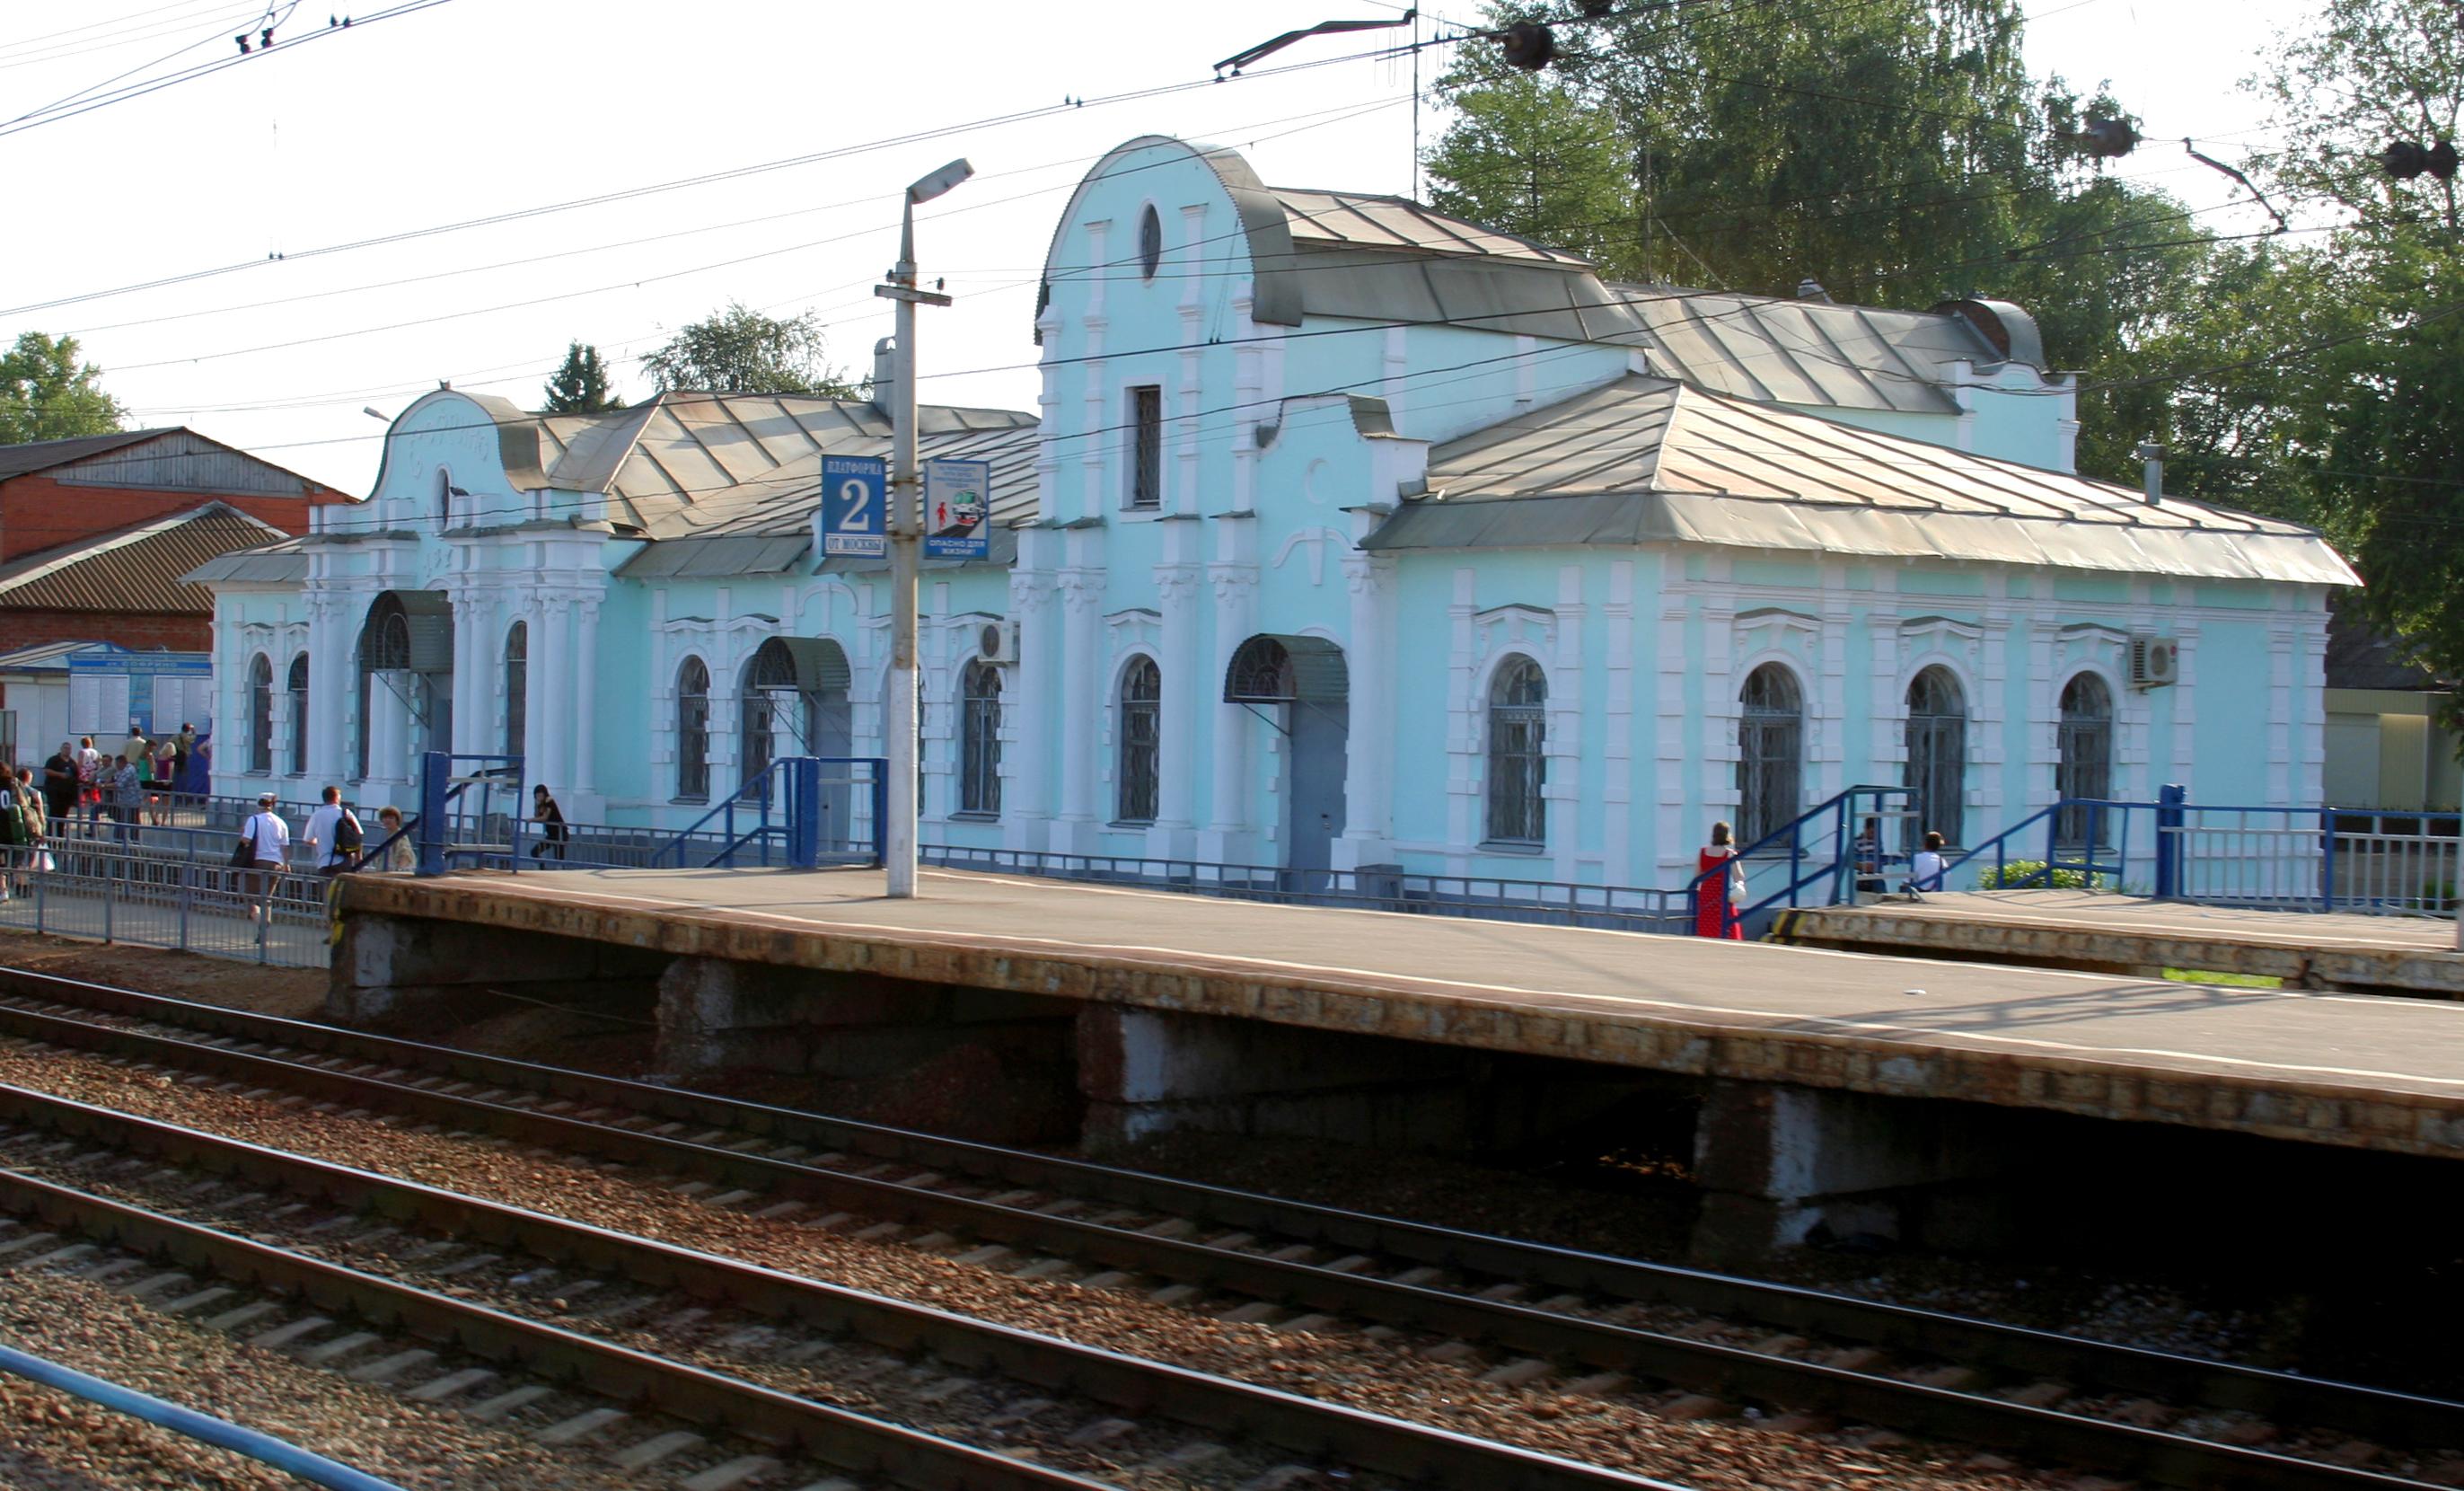 Панорамное фото курского вокзала это несмотря